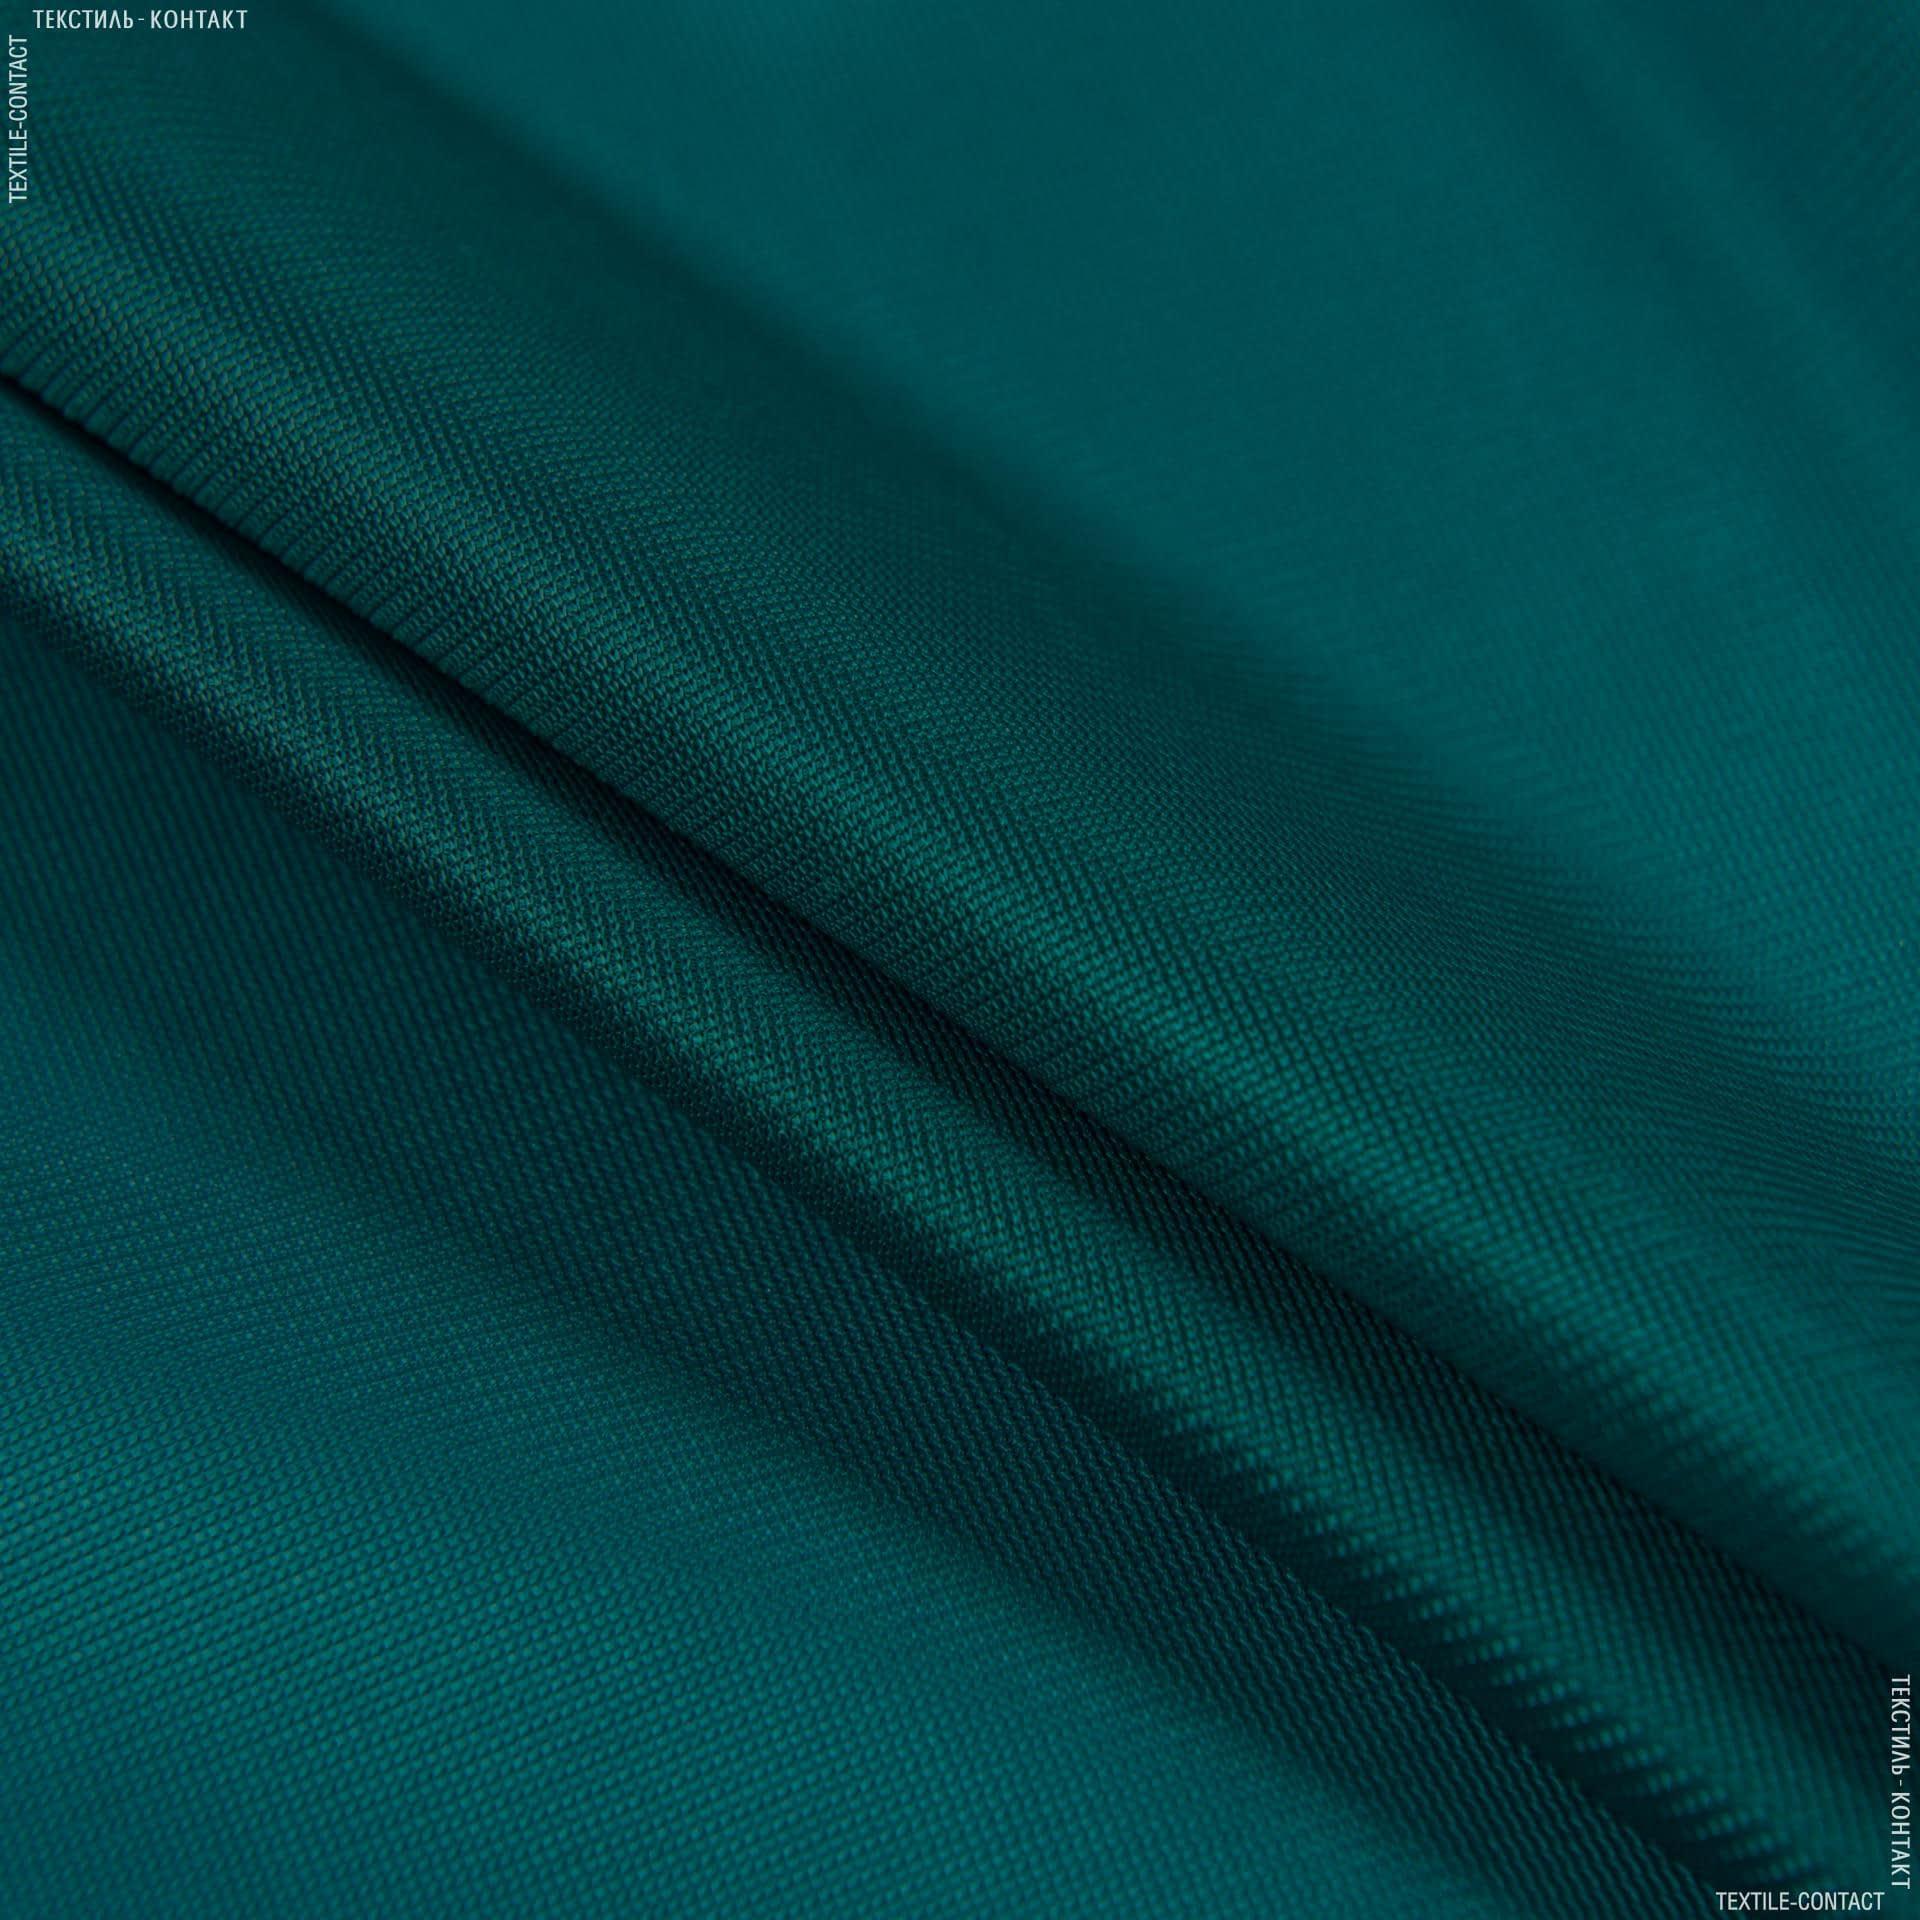 Тканини для спецодягу - Нейлон трикотажний морська хвиля